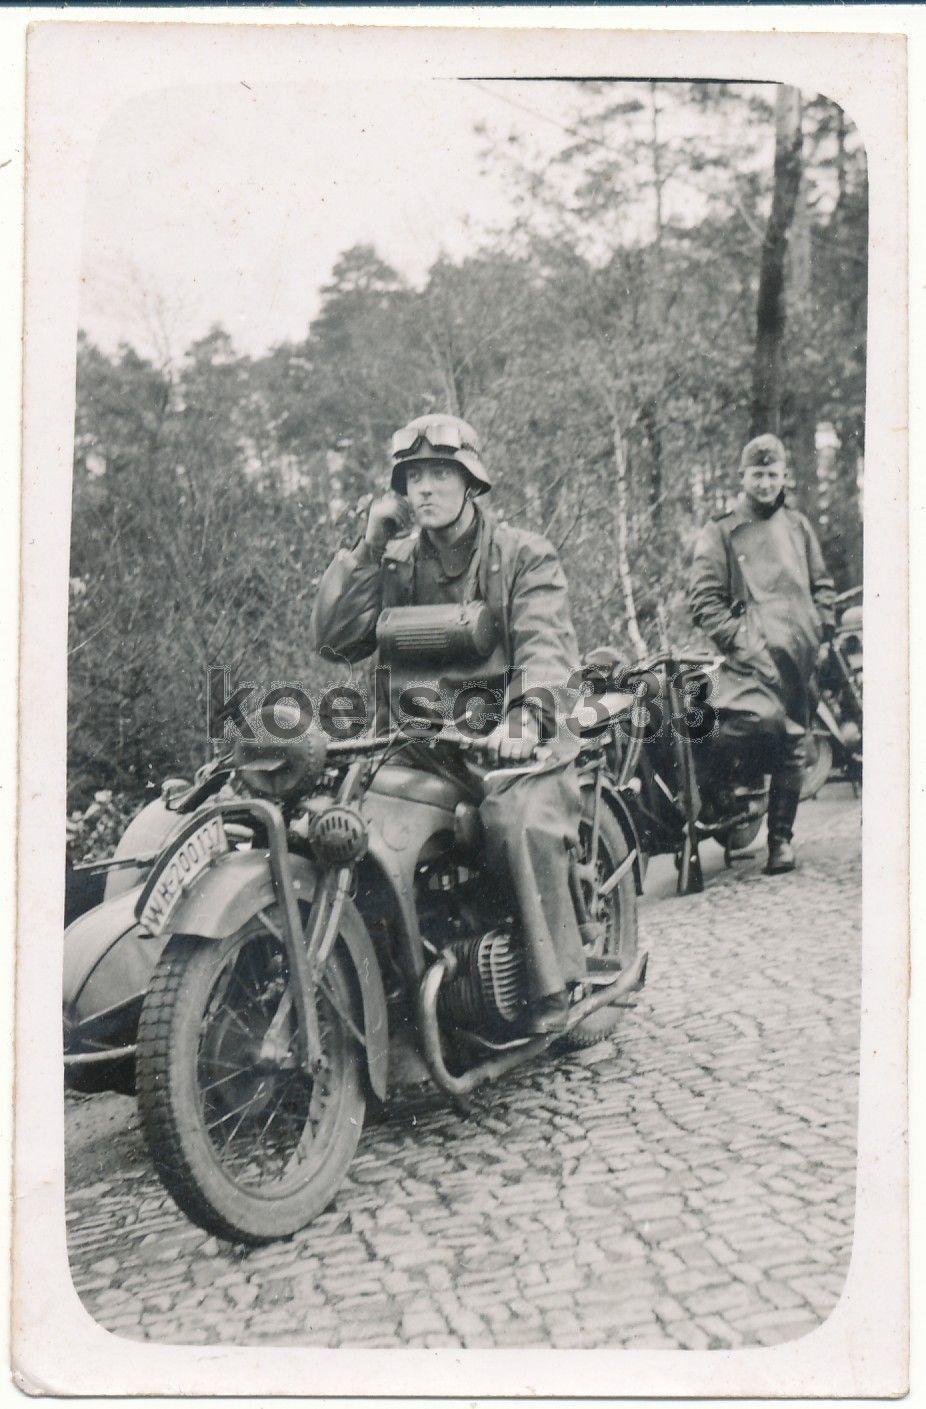 Foto Kamenz 1940 Bmw R 11 Motorrad Kradmelder Krad Kfz Kennzeichen